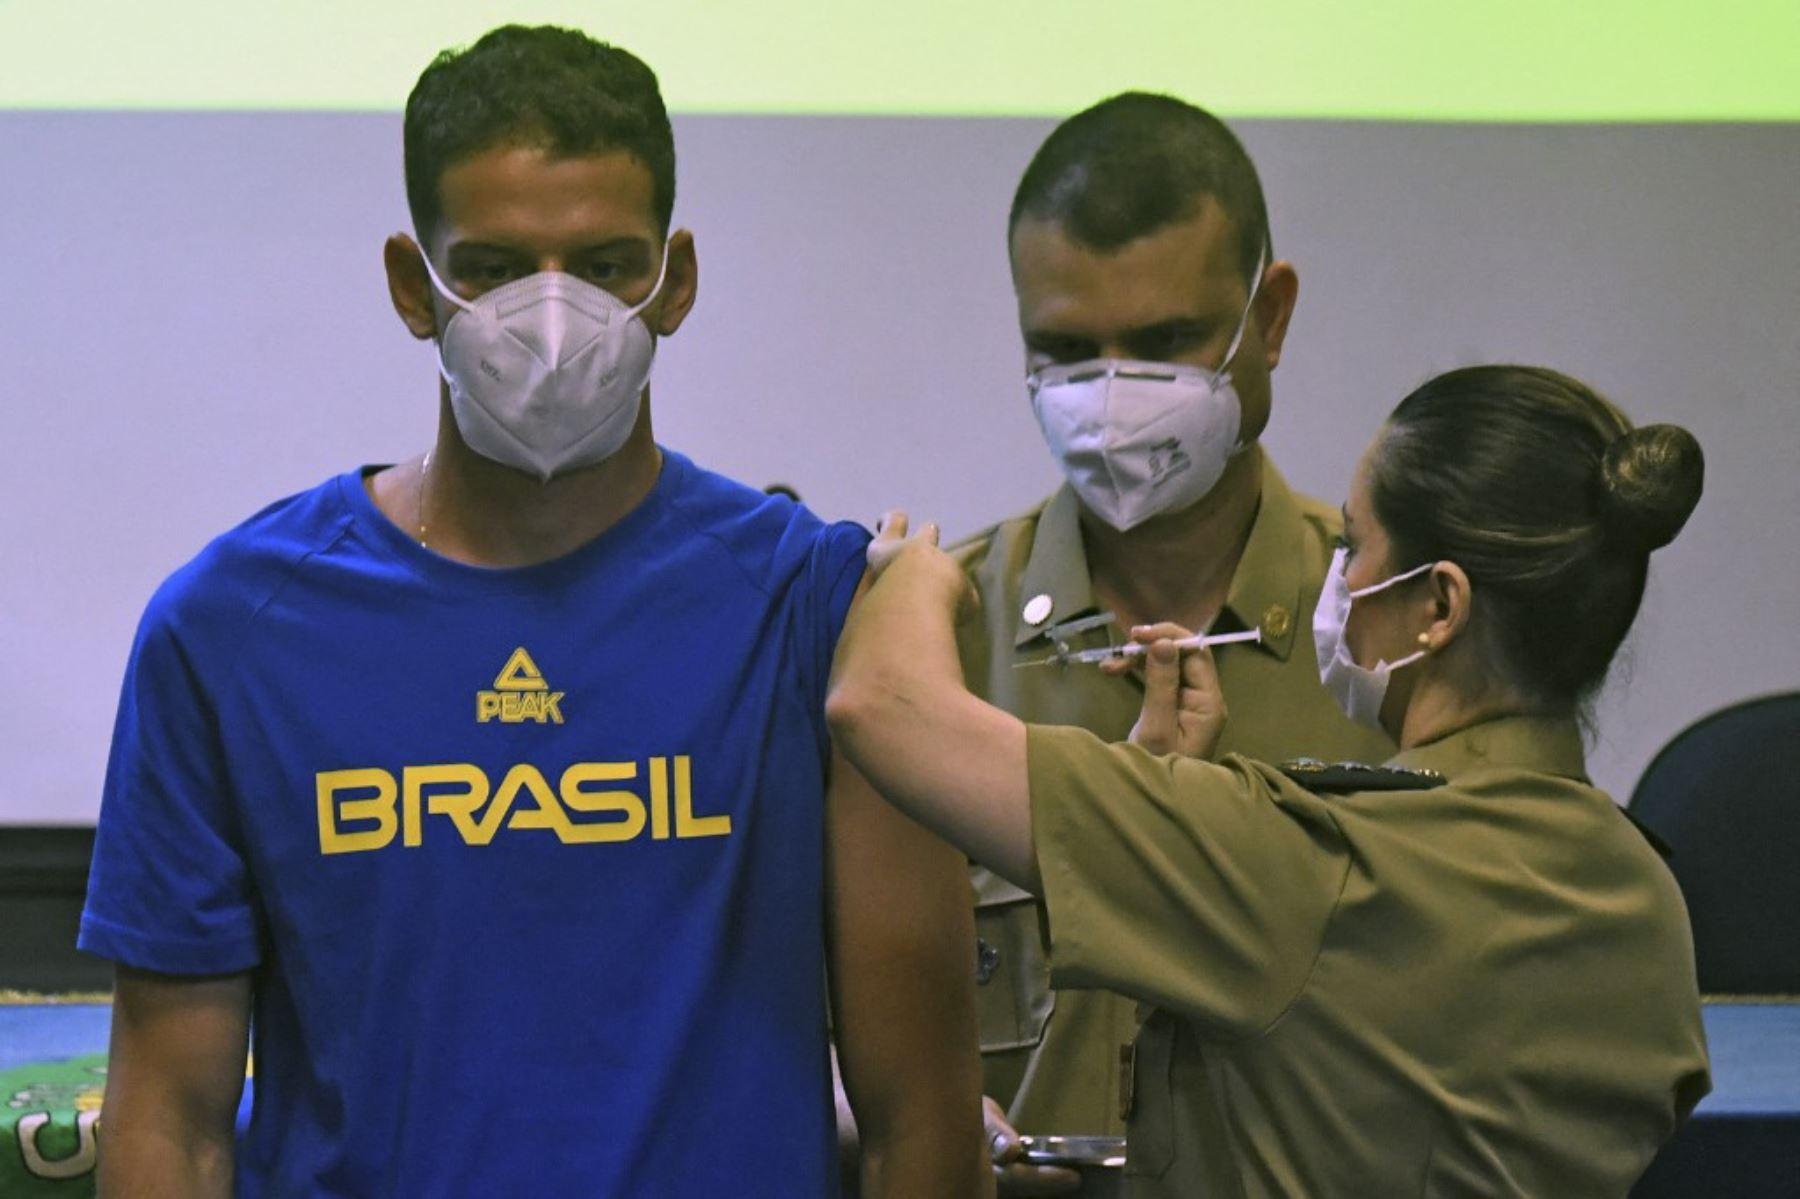 El atleta brasileño de arco y flecha Marcus Vinicius D